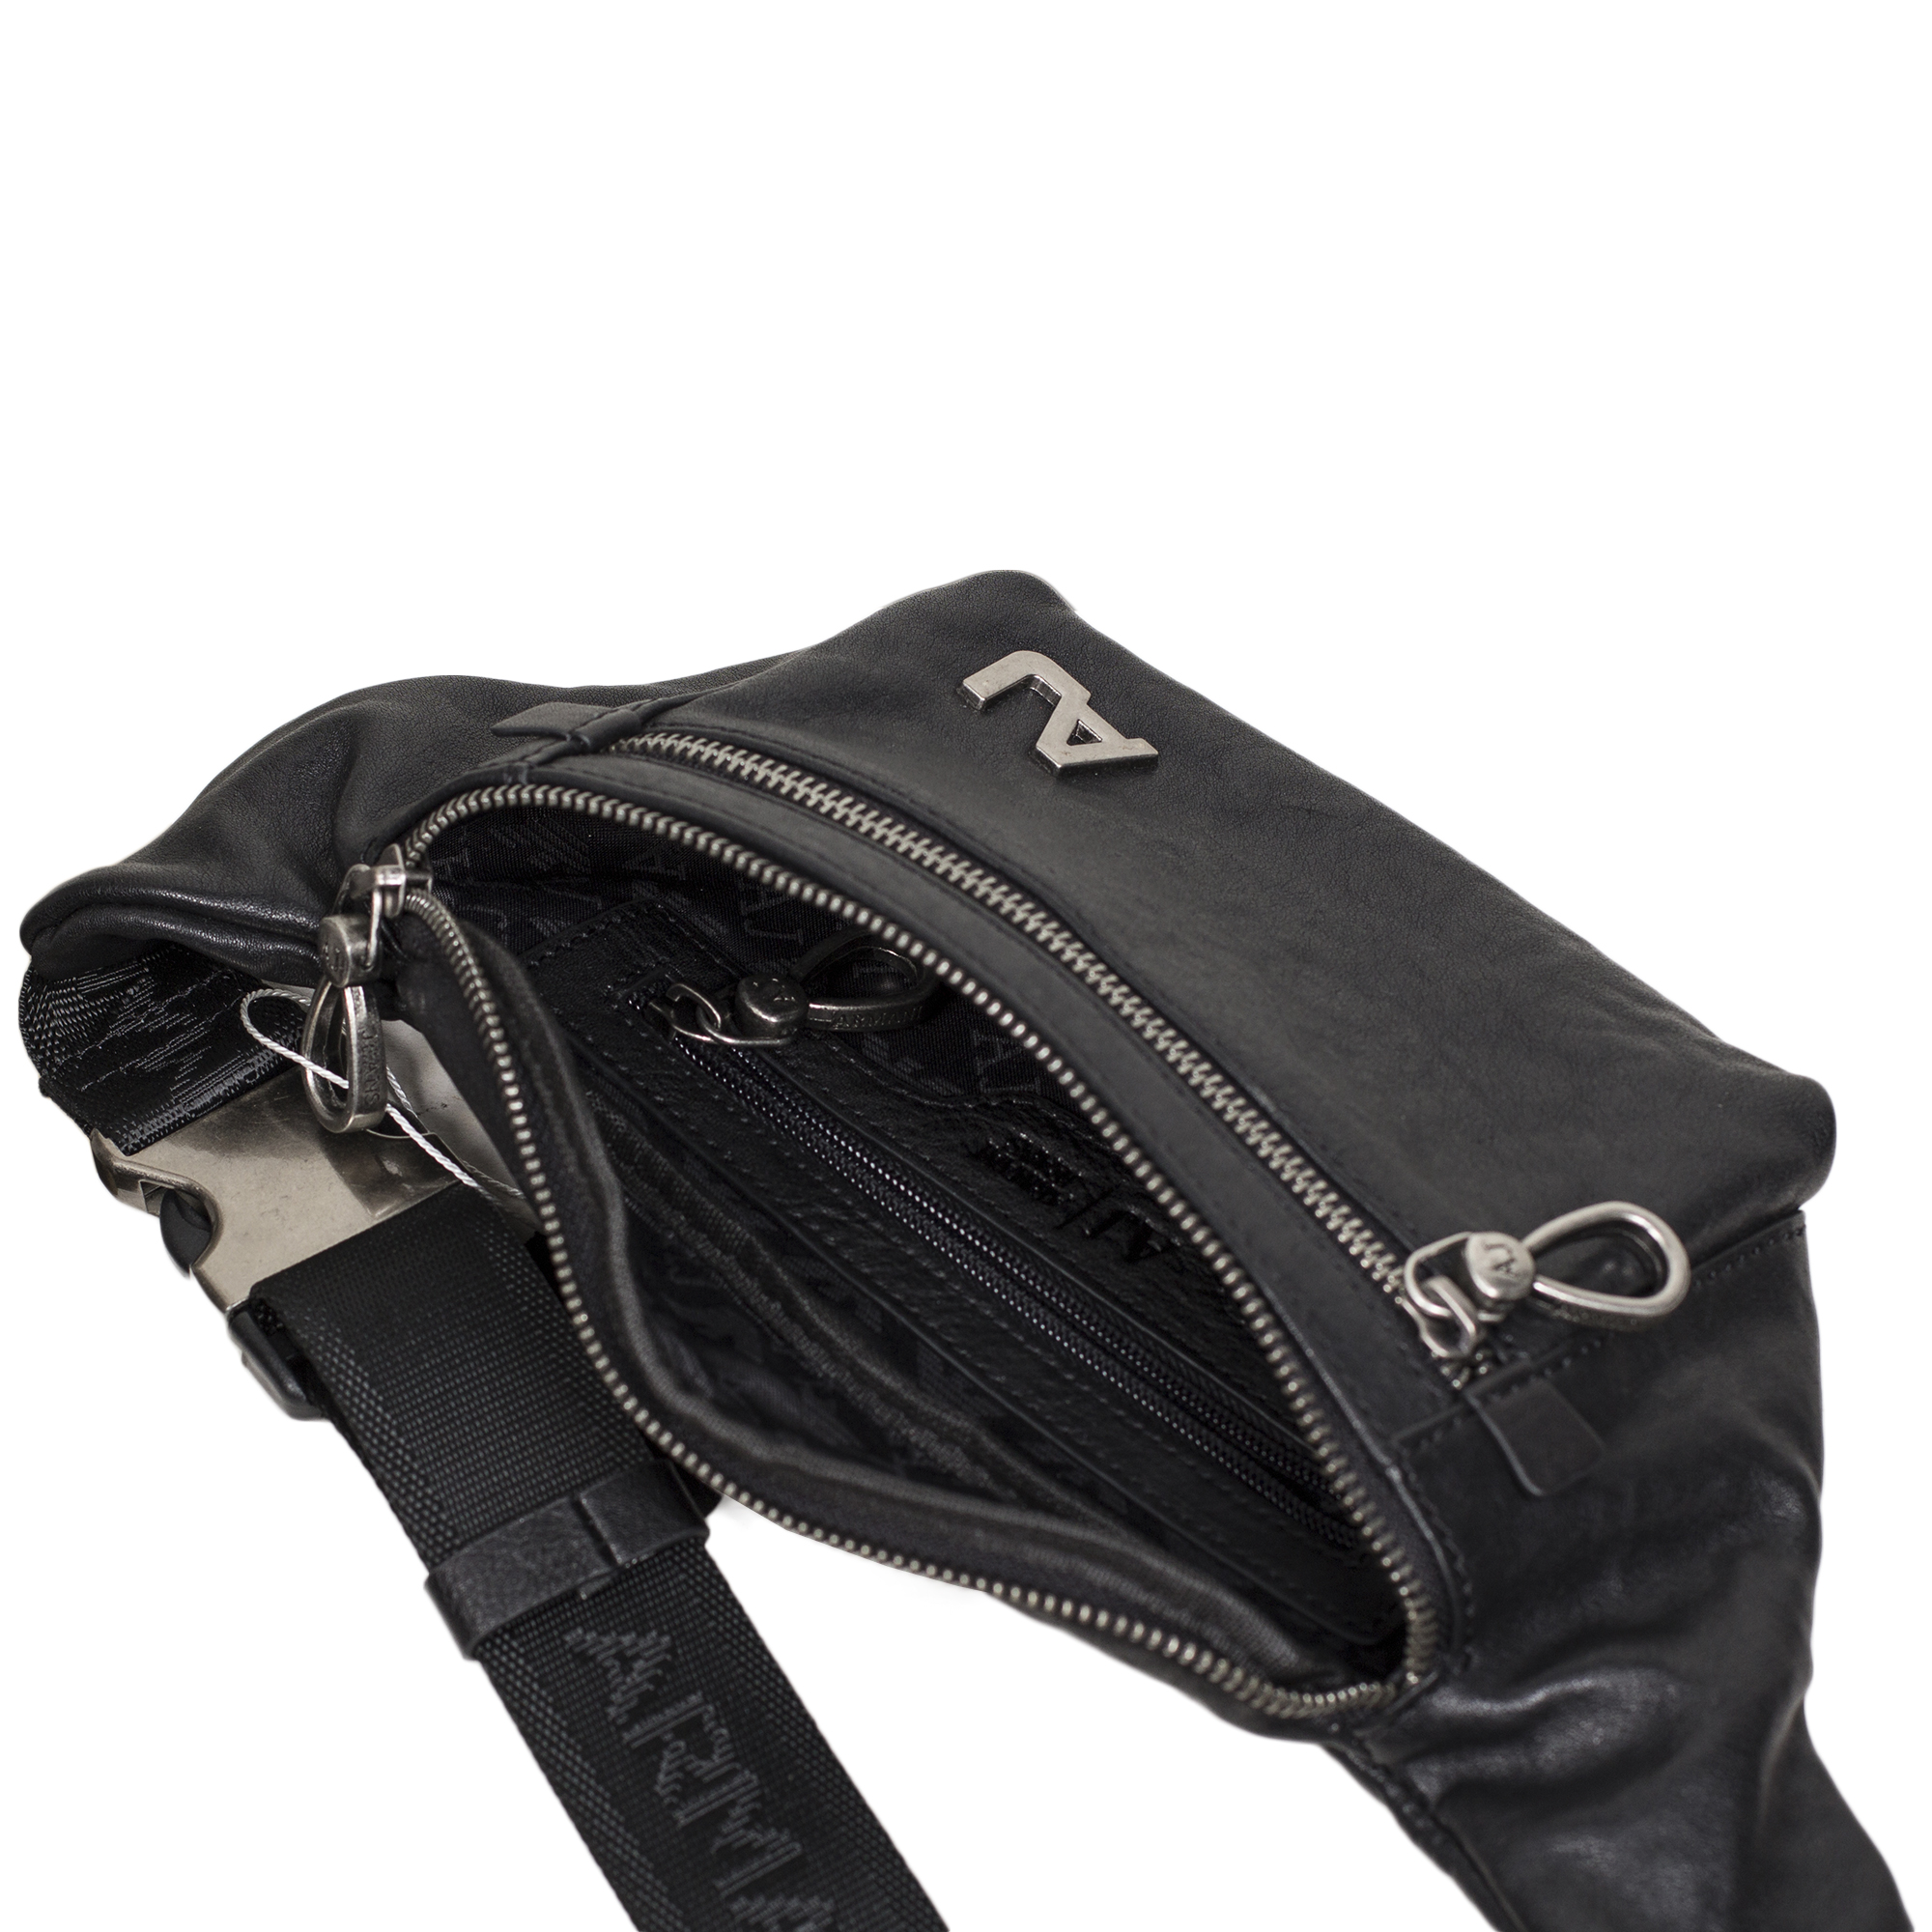 a5a7199138a8 Кожаная бананка от Armani Jeans: купить мужские сумки в интернет ...